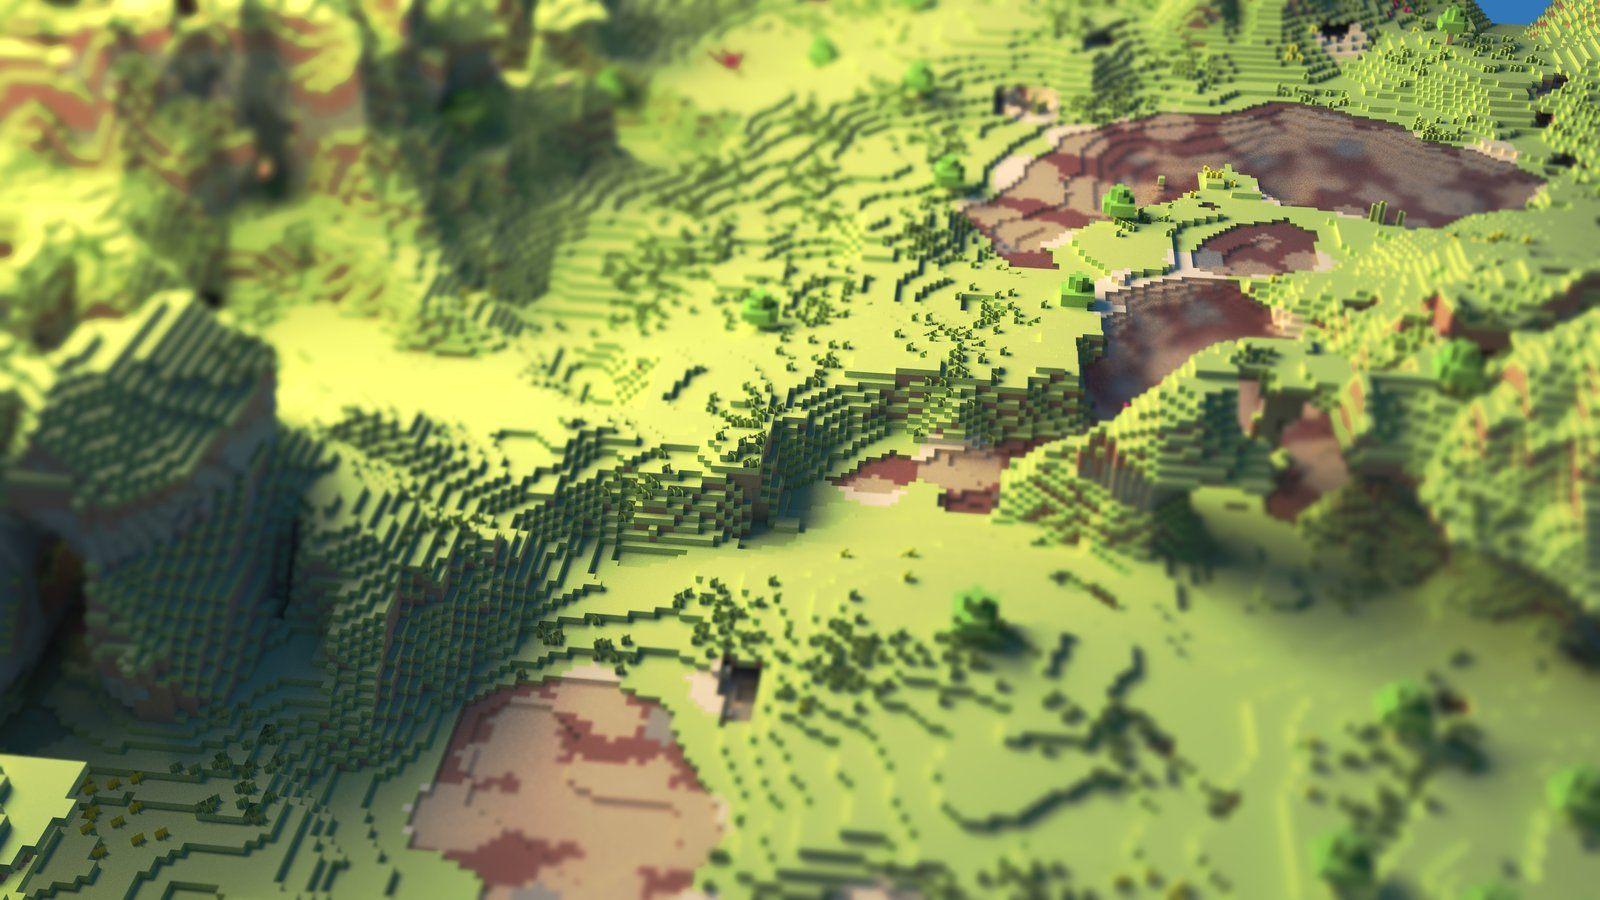 Fantastic Wallpaper Minecraft Google - b8ad967b9d48e666860d7e60329c41a3  Photograph_573977.jpg